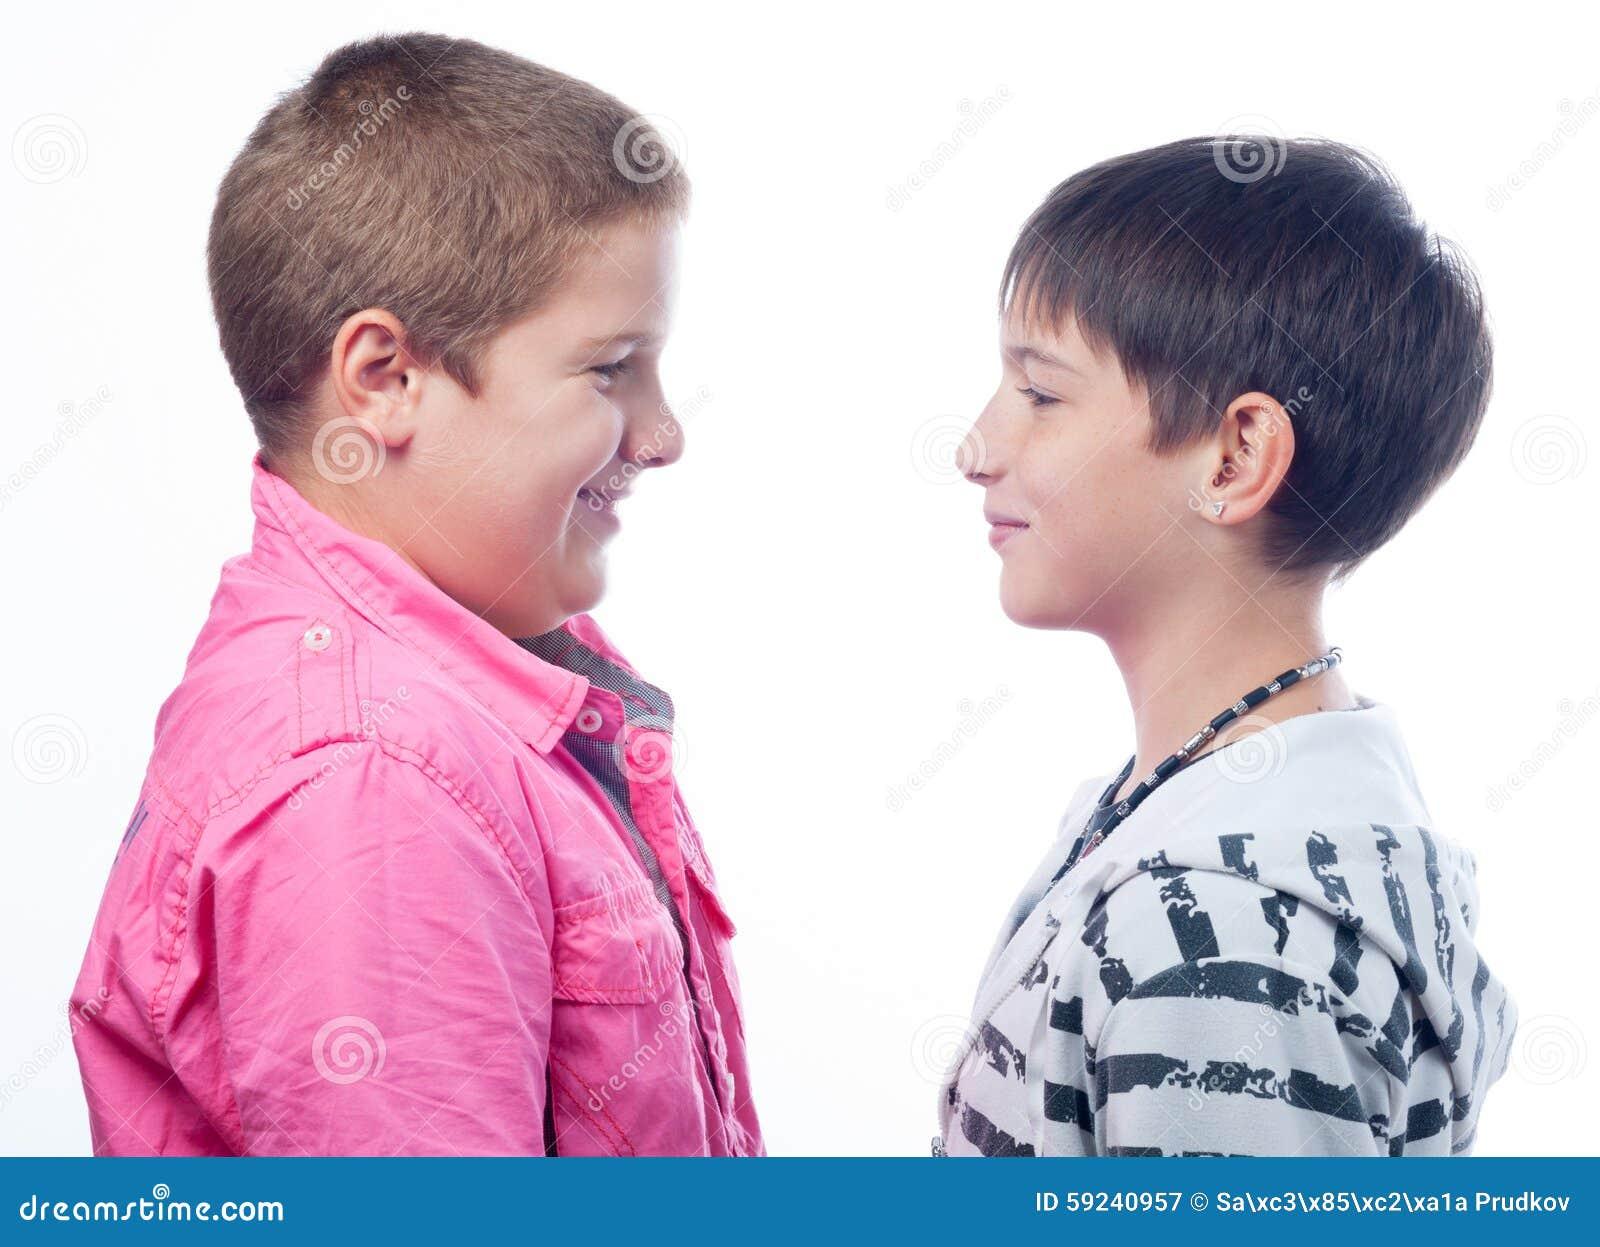 Δύο έφηβοι που χαμογελούν ο ένας στον άλλο που απομονώνεται στο λευκό